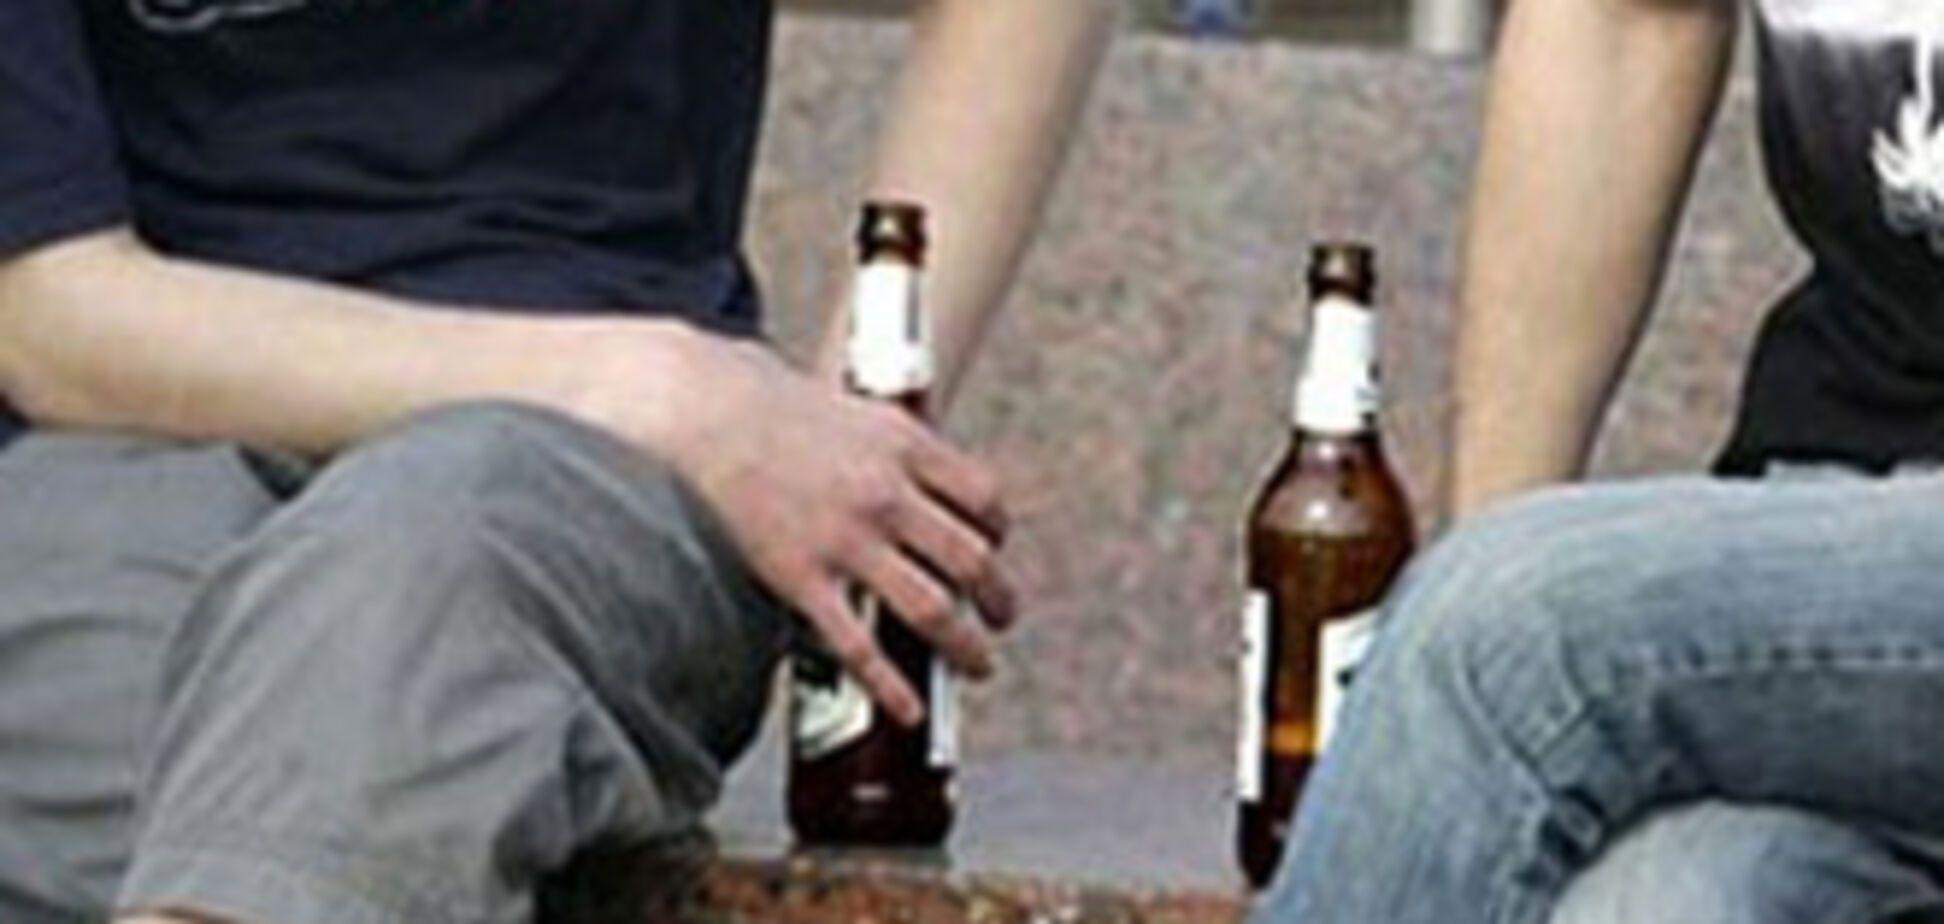 МВС: Пити пиво на вулиці не можна навіть з глечика